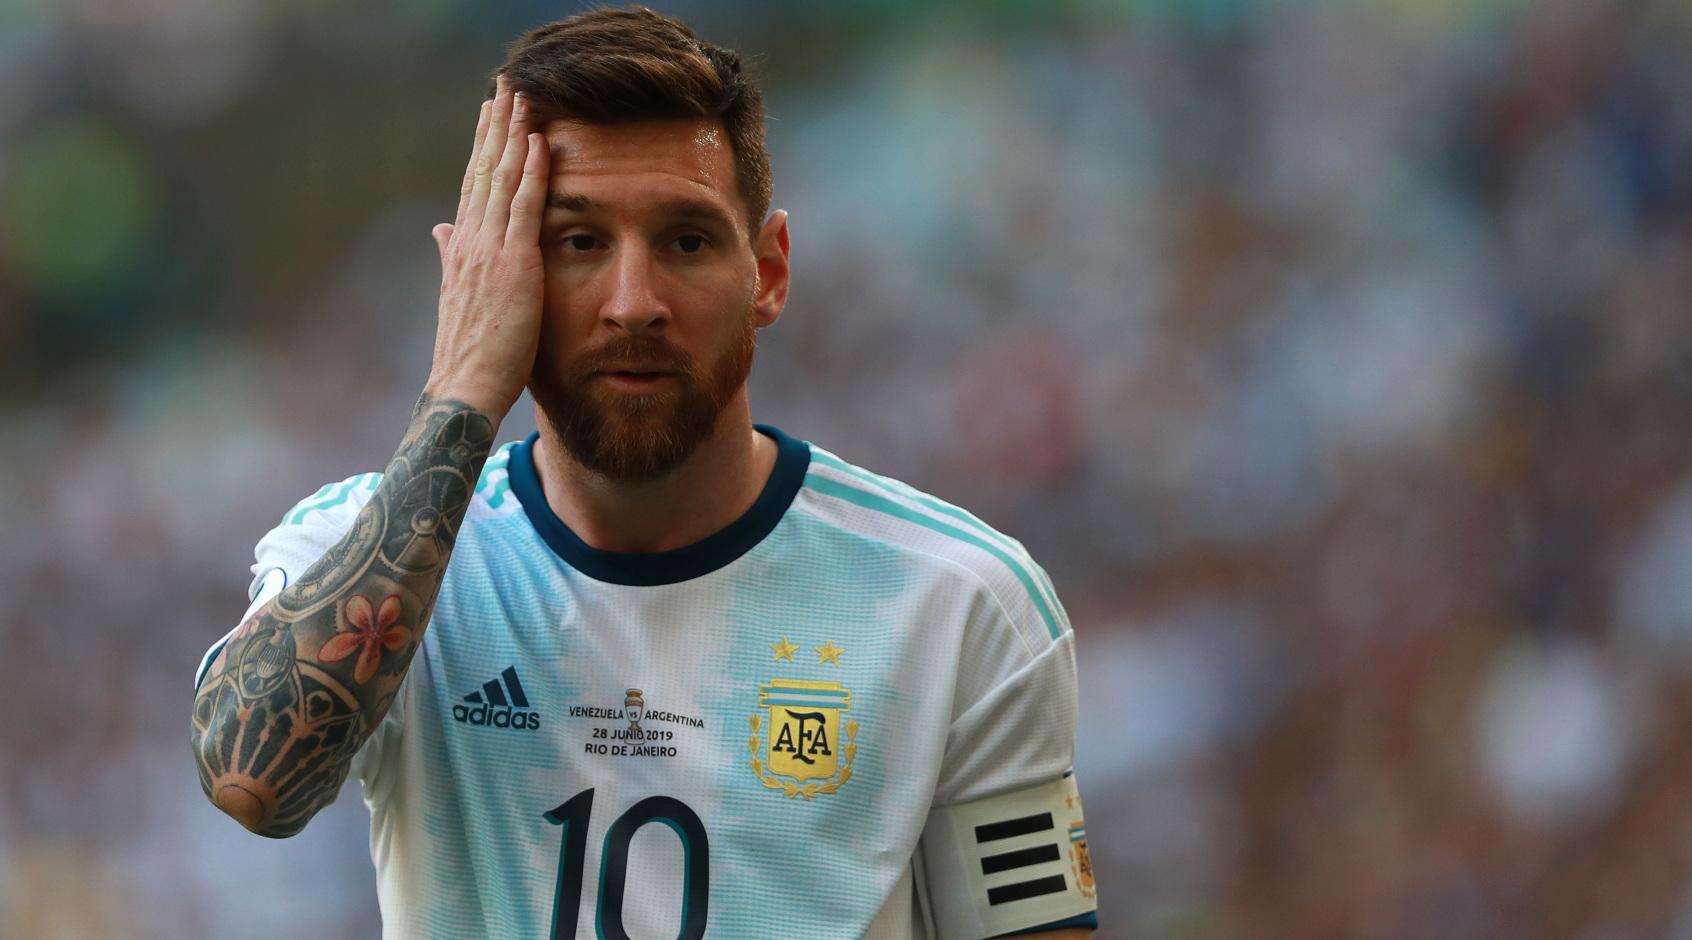 """Лионель Месси может отправиться на Копа Америка-2021 без контракта с """"Барселоной"""""""